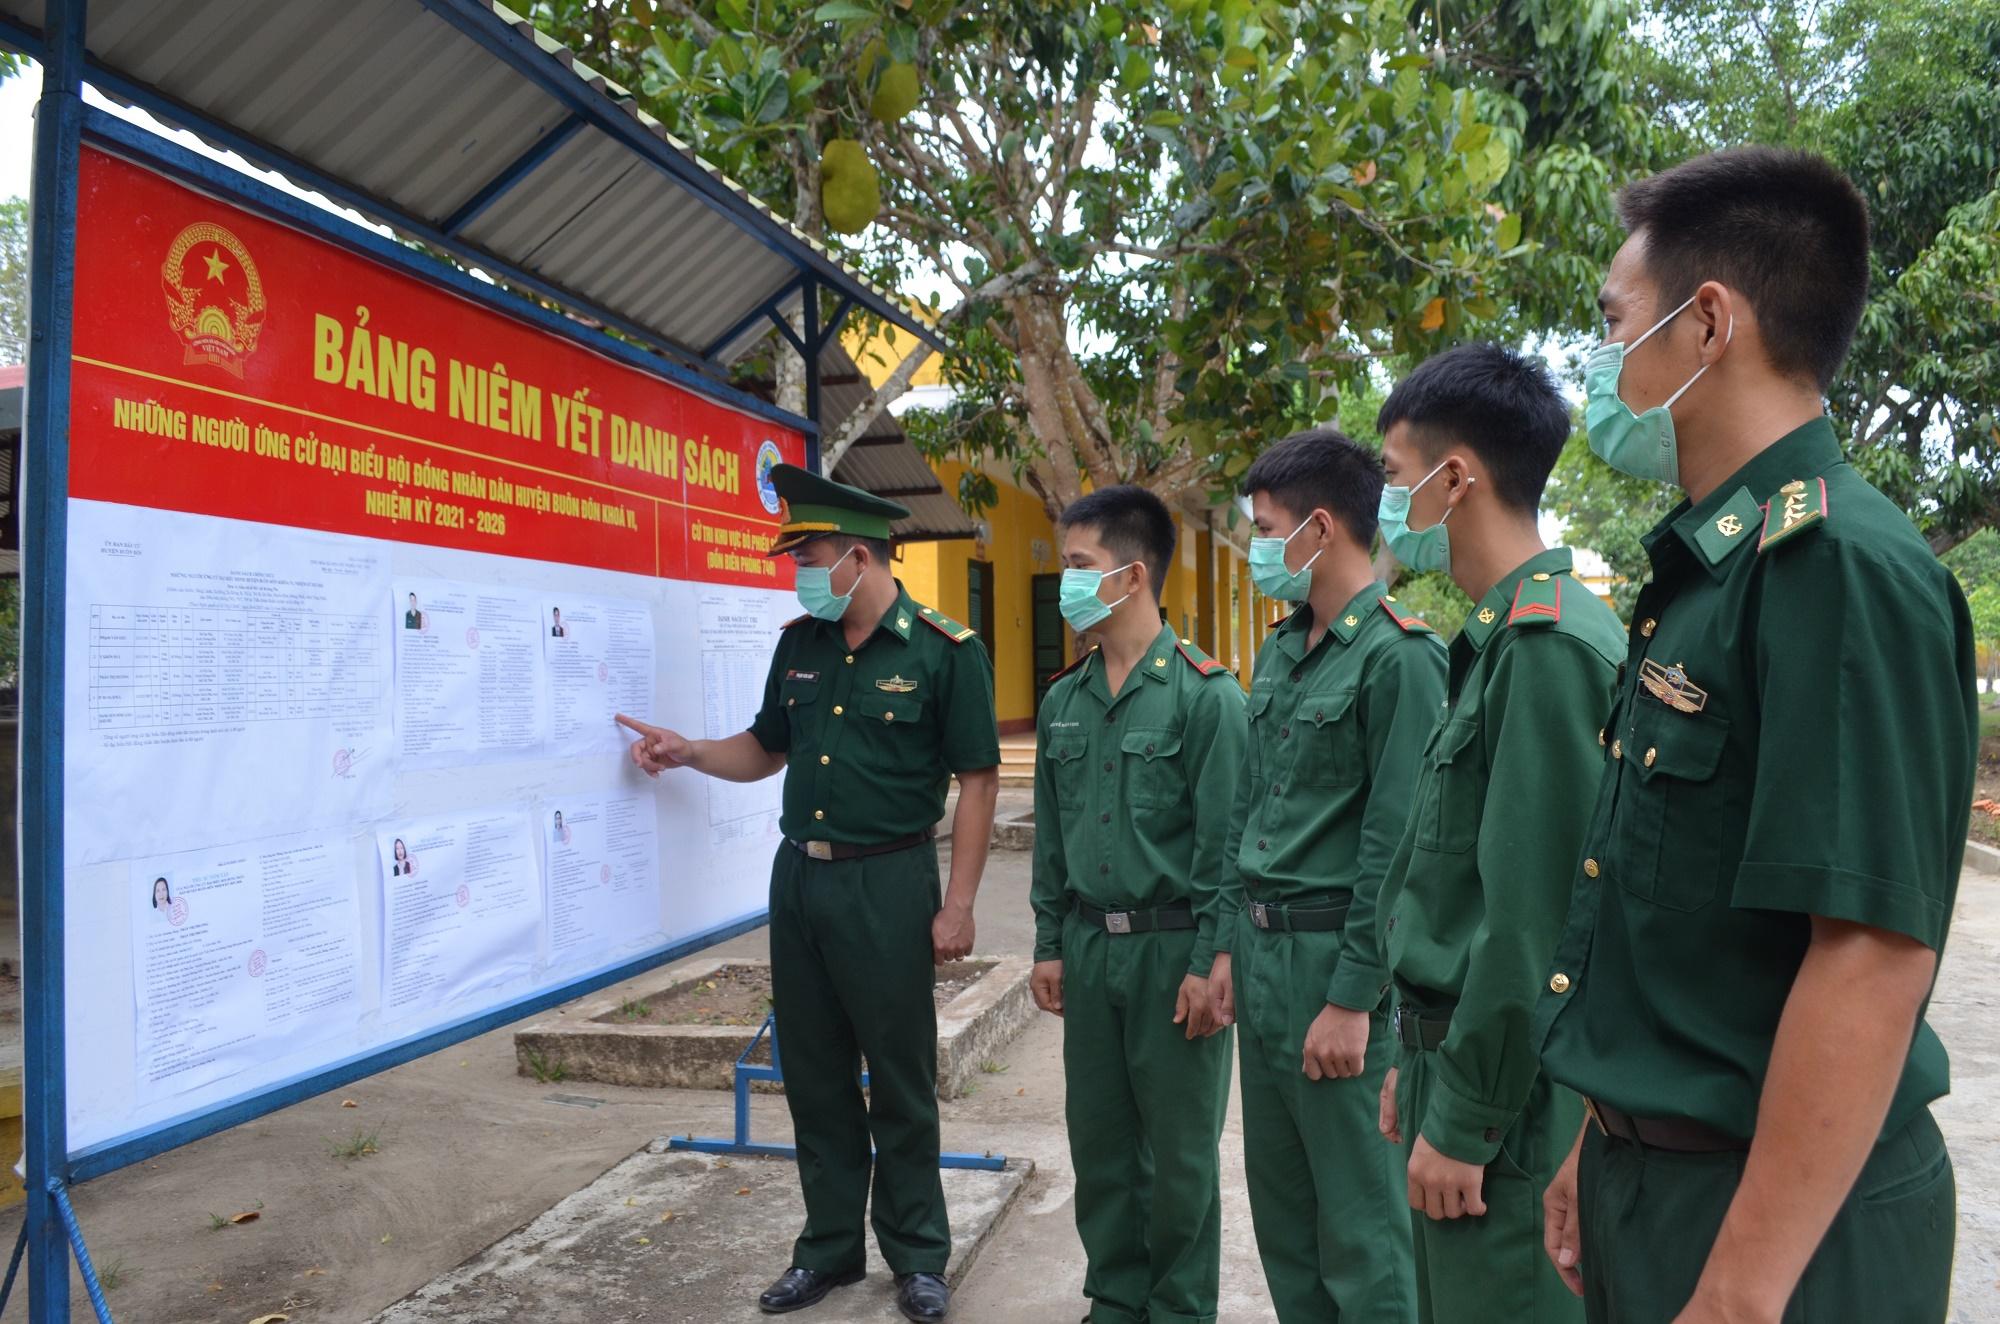 Bộ đội Biên phòng tỉnh Đắk Lắk sẵn sàng cho bầu cử sớm